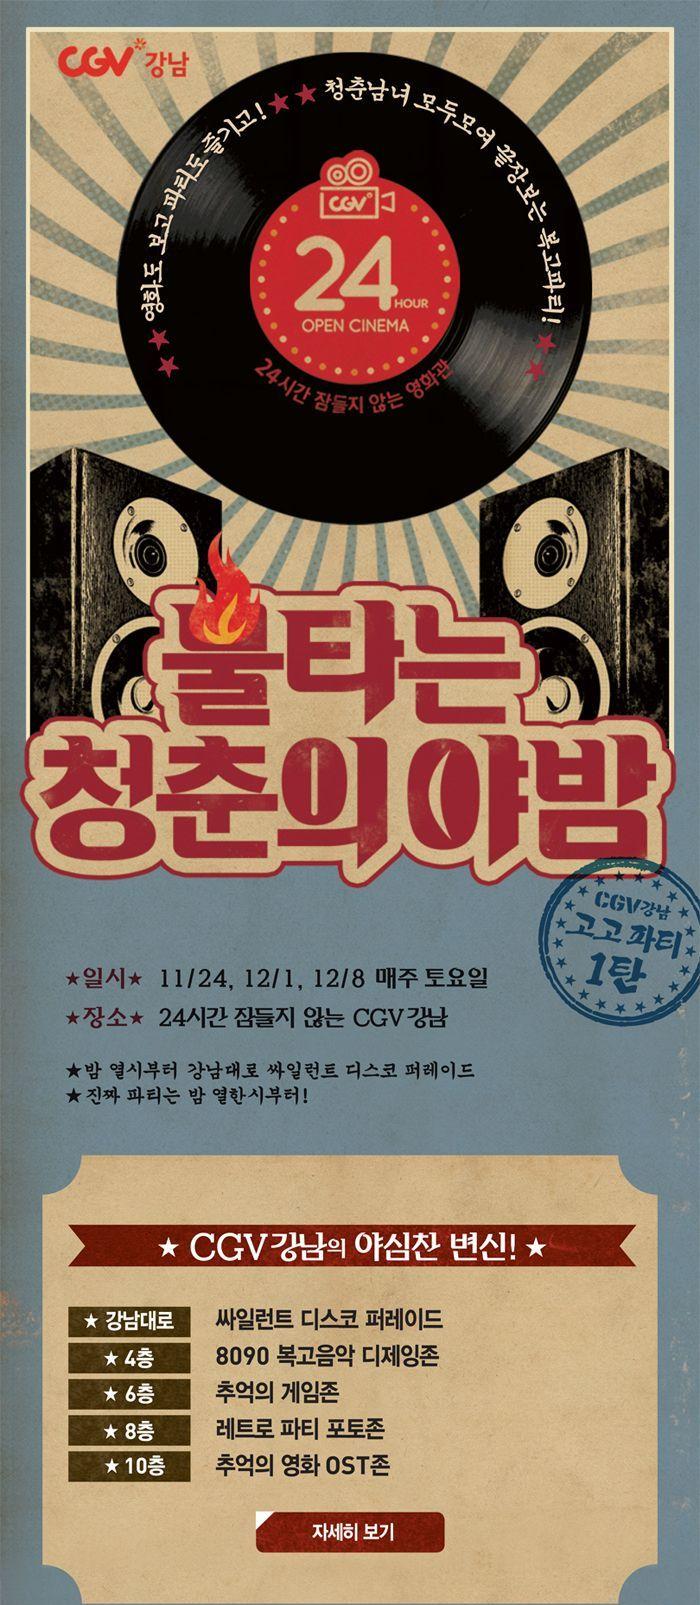 24시간 영화관, CGV강남에서 복고 파티를 한다! - 하늘다래, 세상을 바라보다: